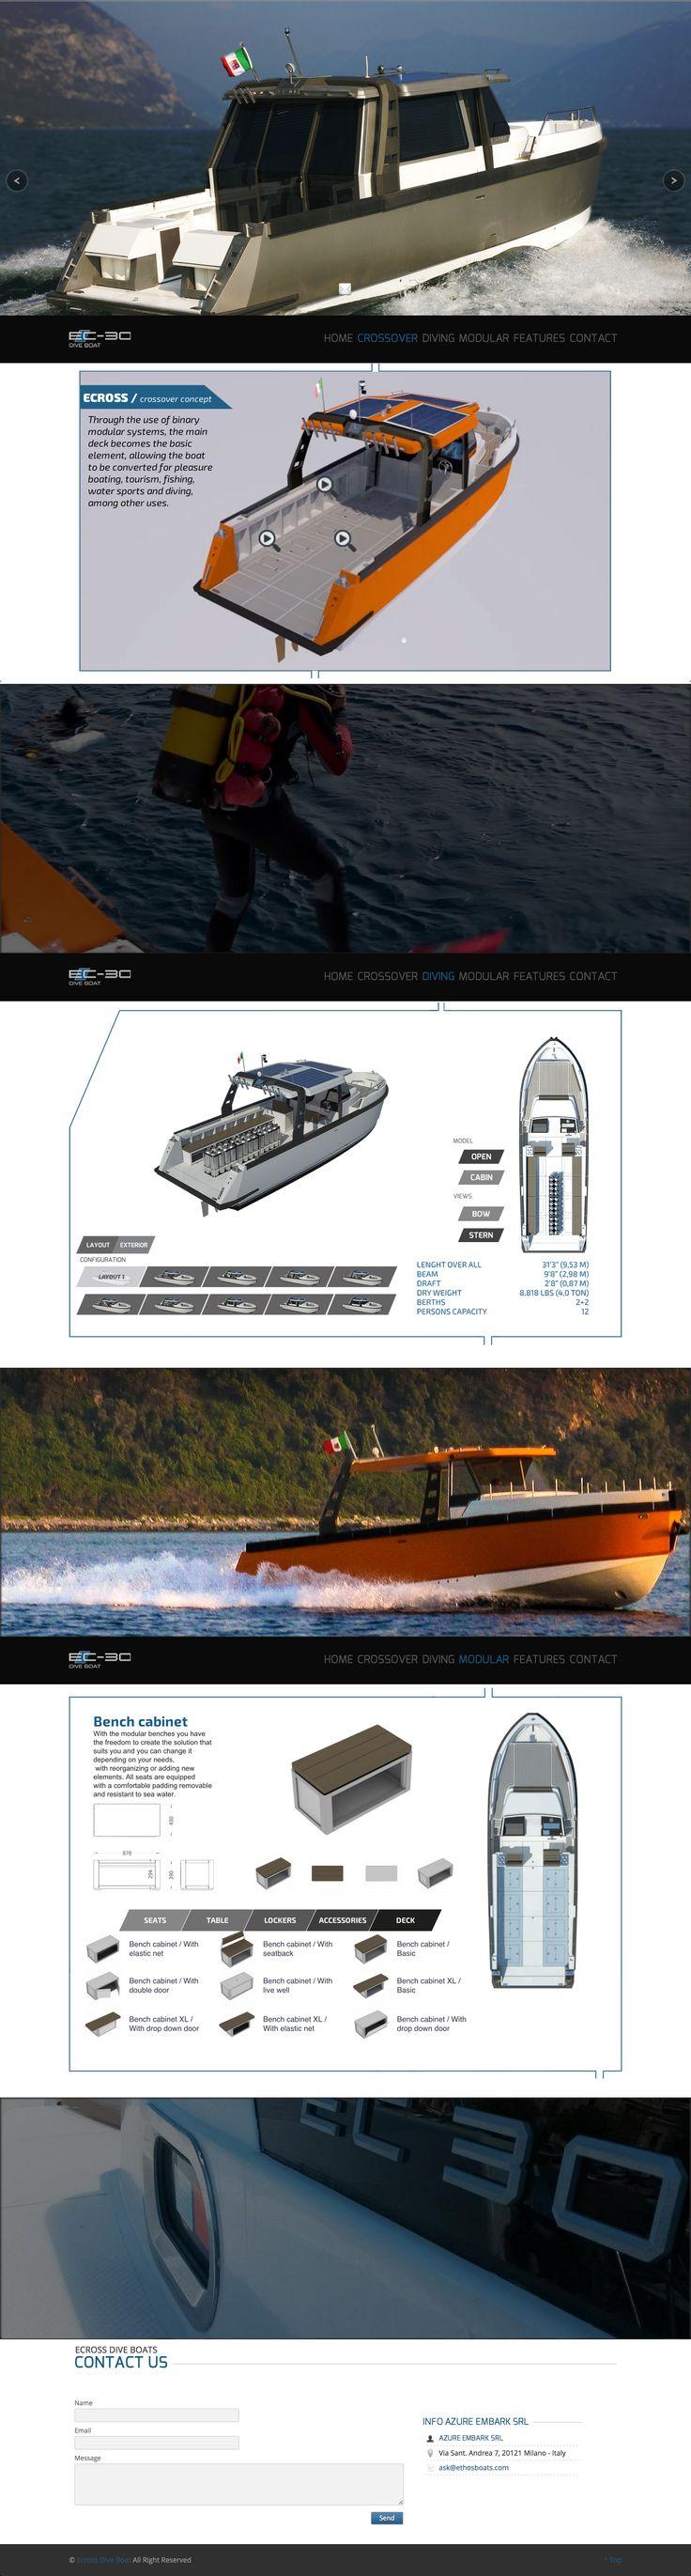 Sito web con configuratore realizzato in HTML5 per la presentazione di EcrossDiveBoat - Milano - Homepage - Realizzato con Wordpress e HTML5 - Anno 2014